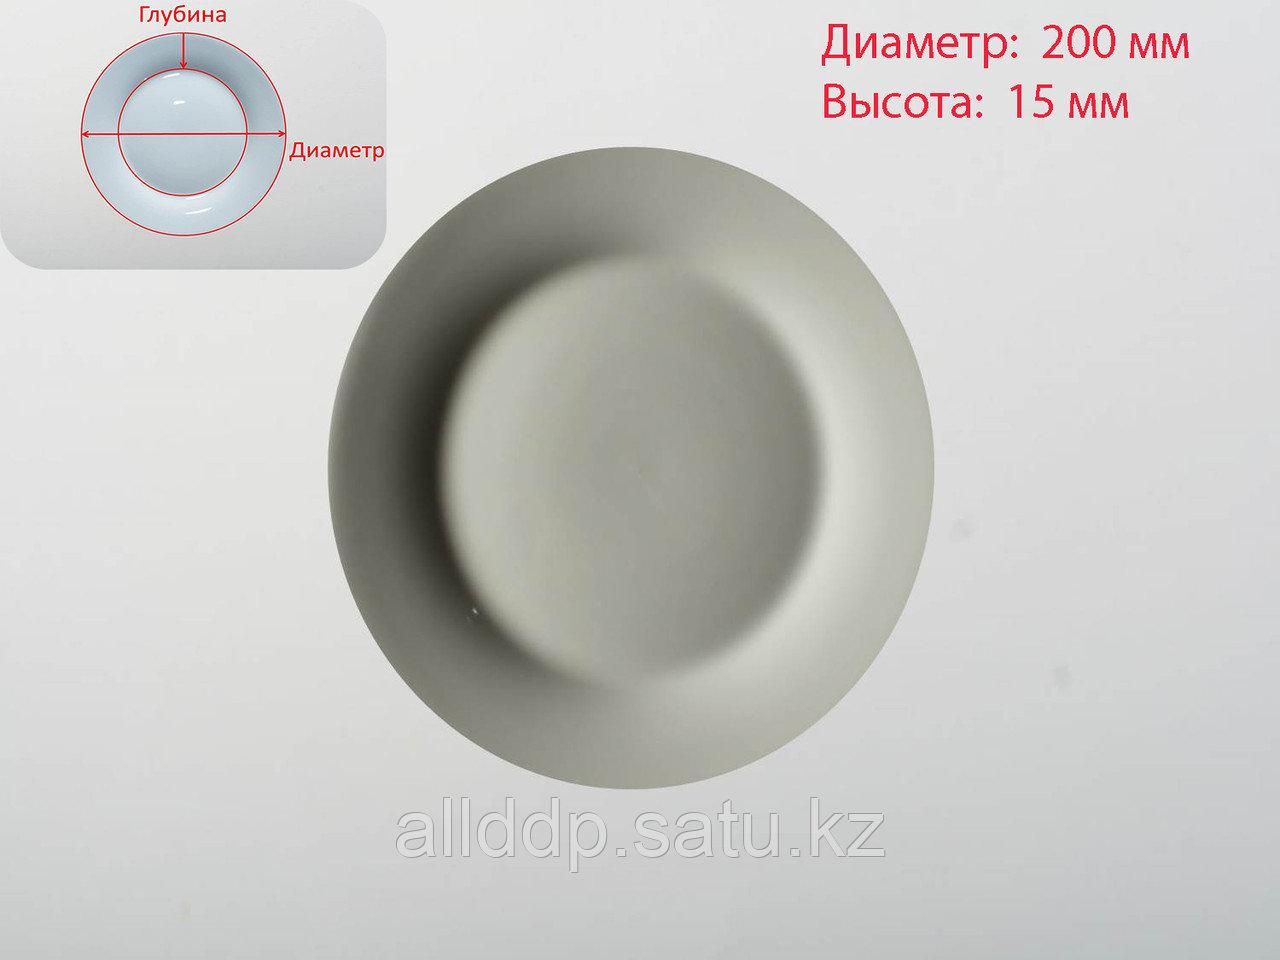 Тарелка белая, D 200 мм